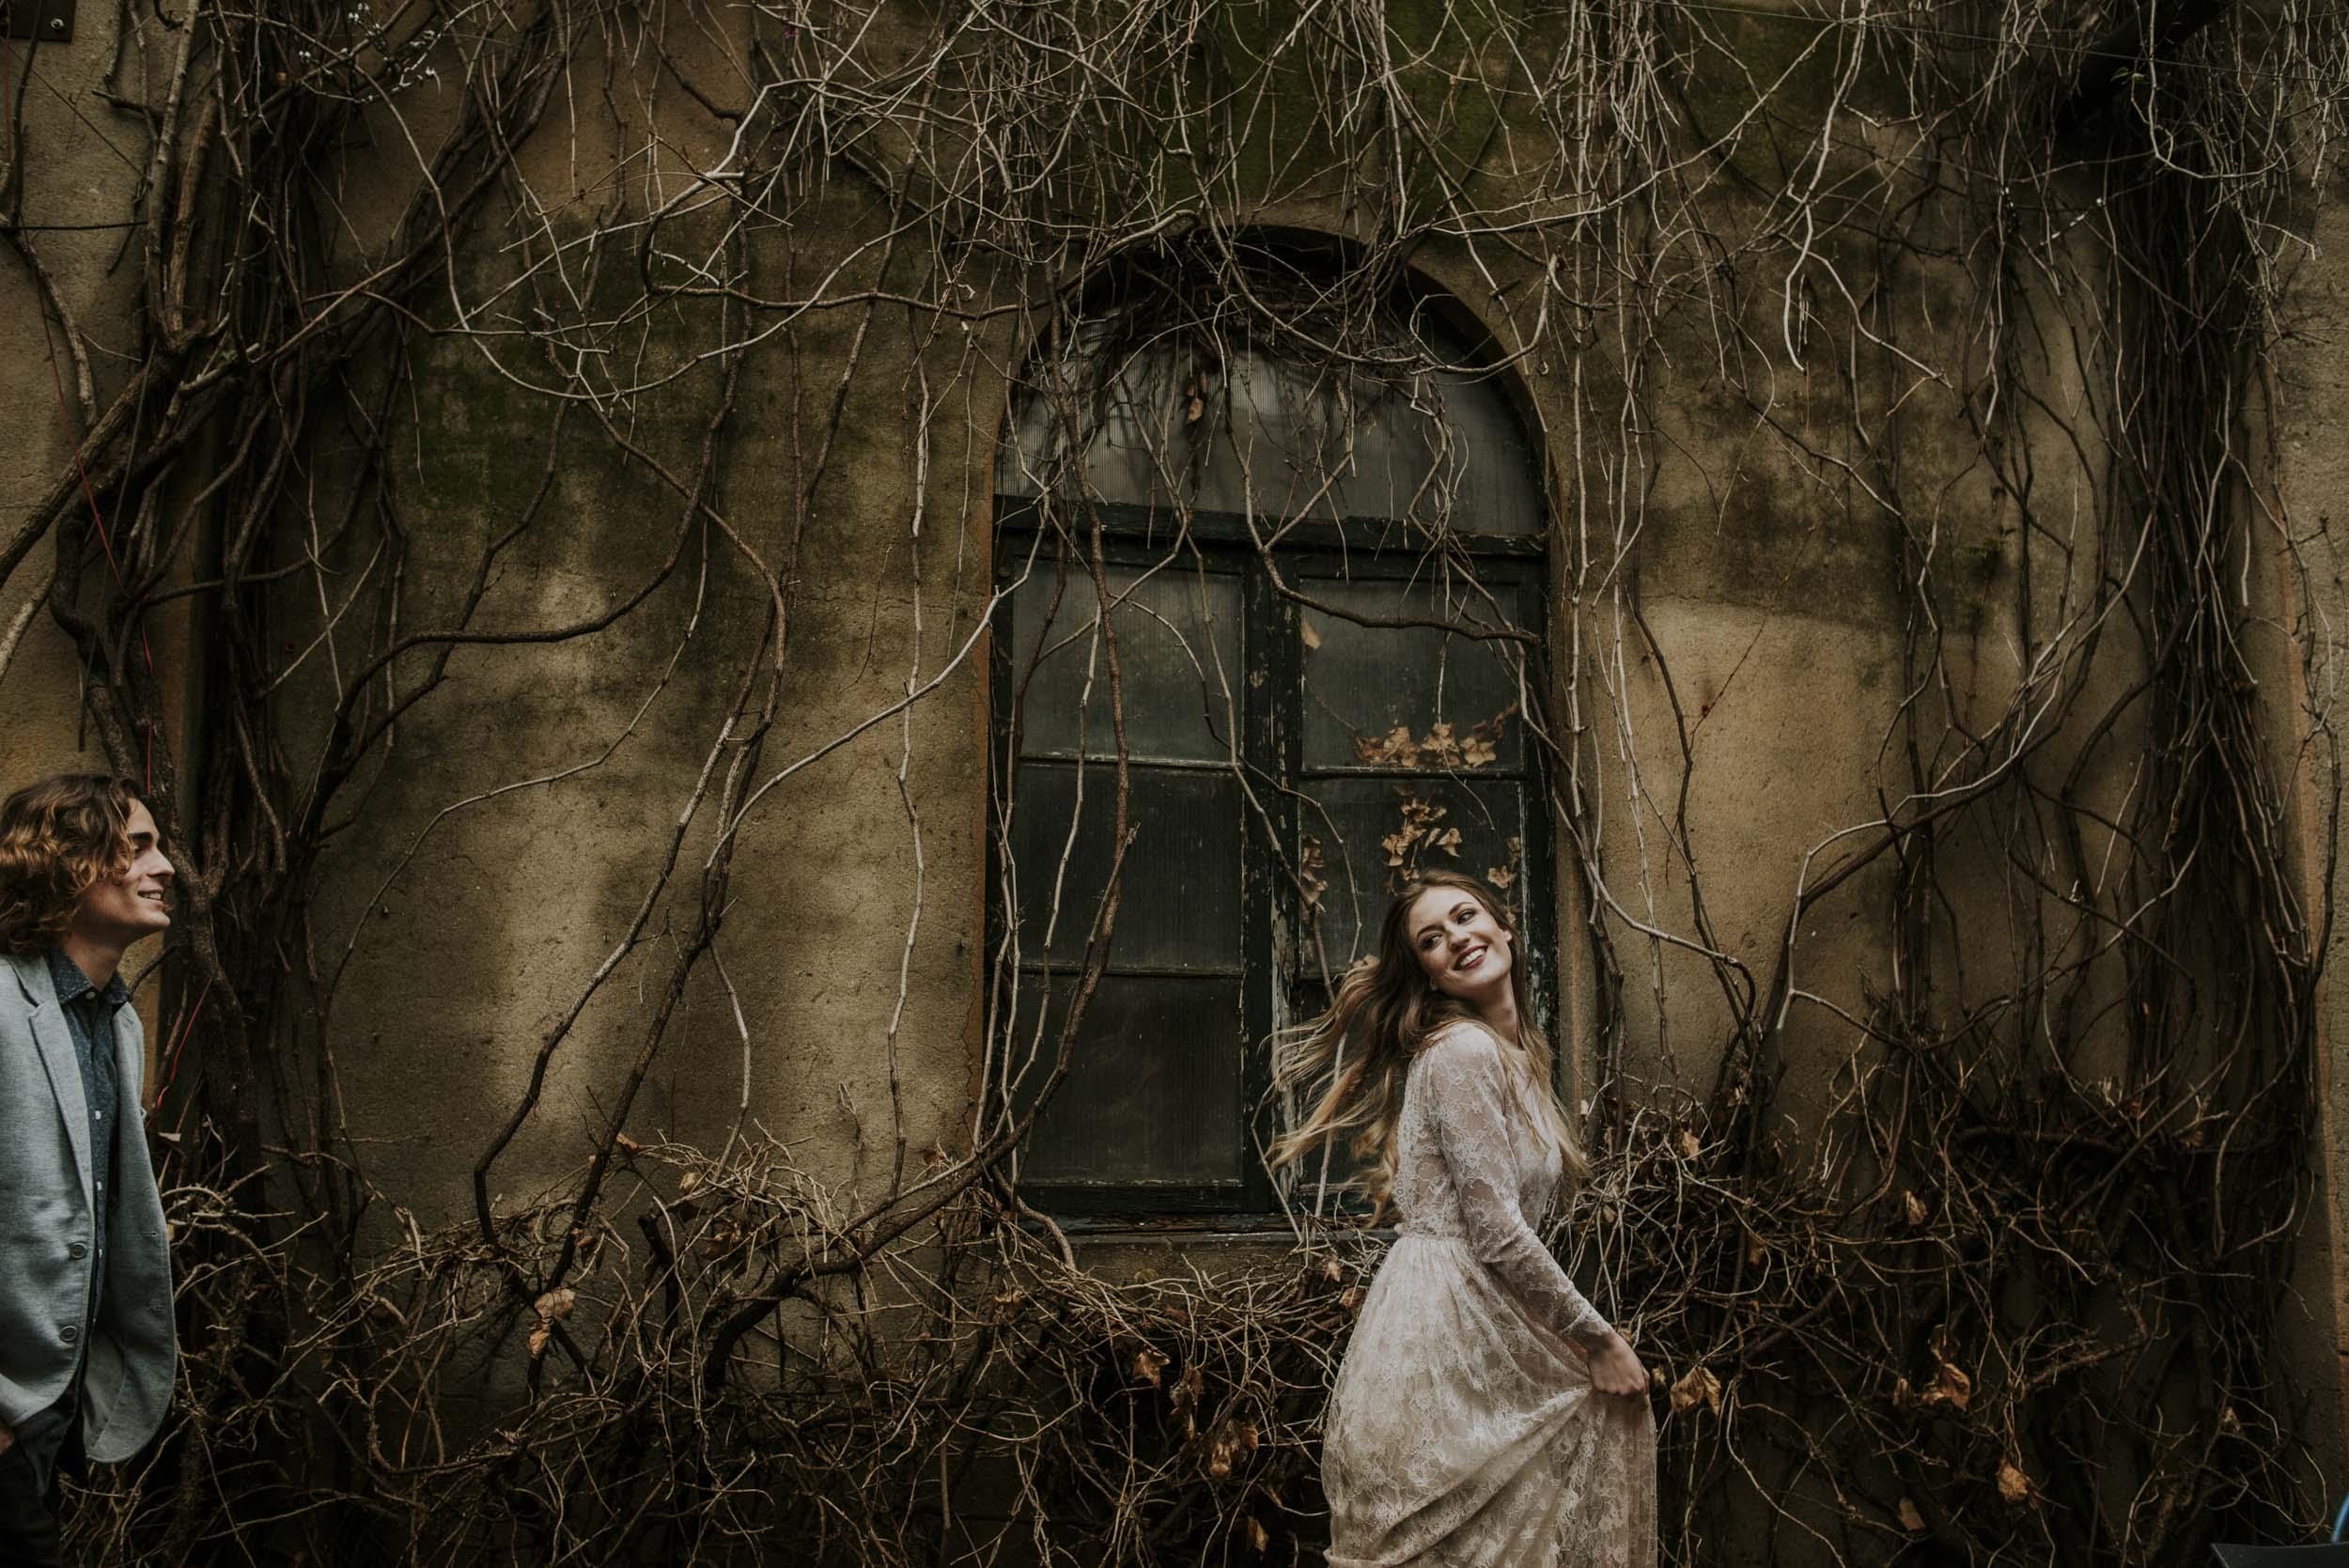 Boda_Barcelona_Kazados_Crazy_Preboda_Wedding_Gandia_Fotografo-10